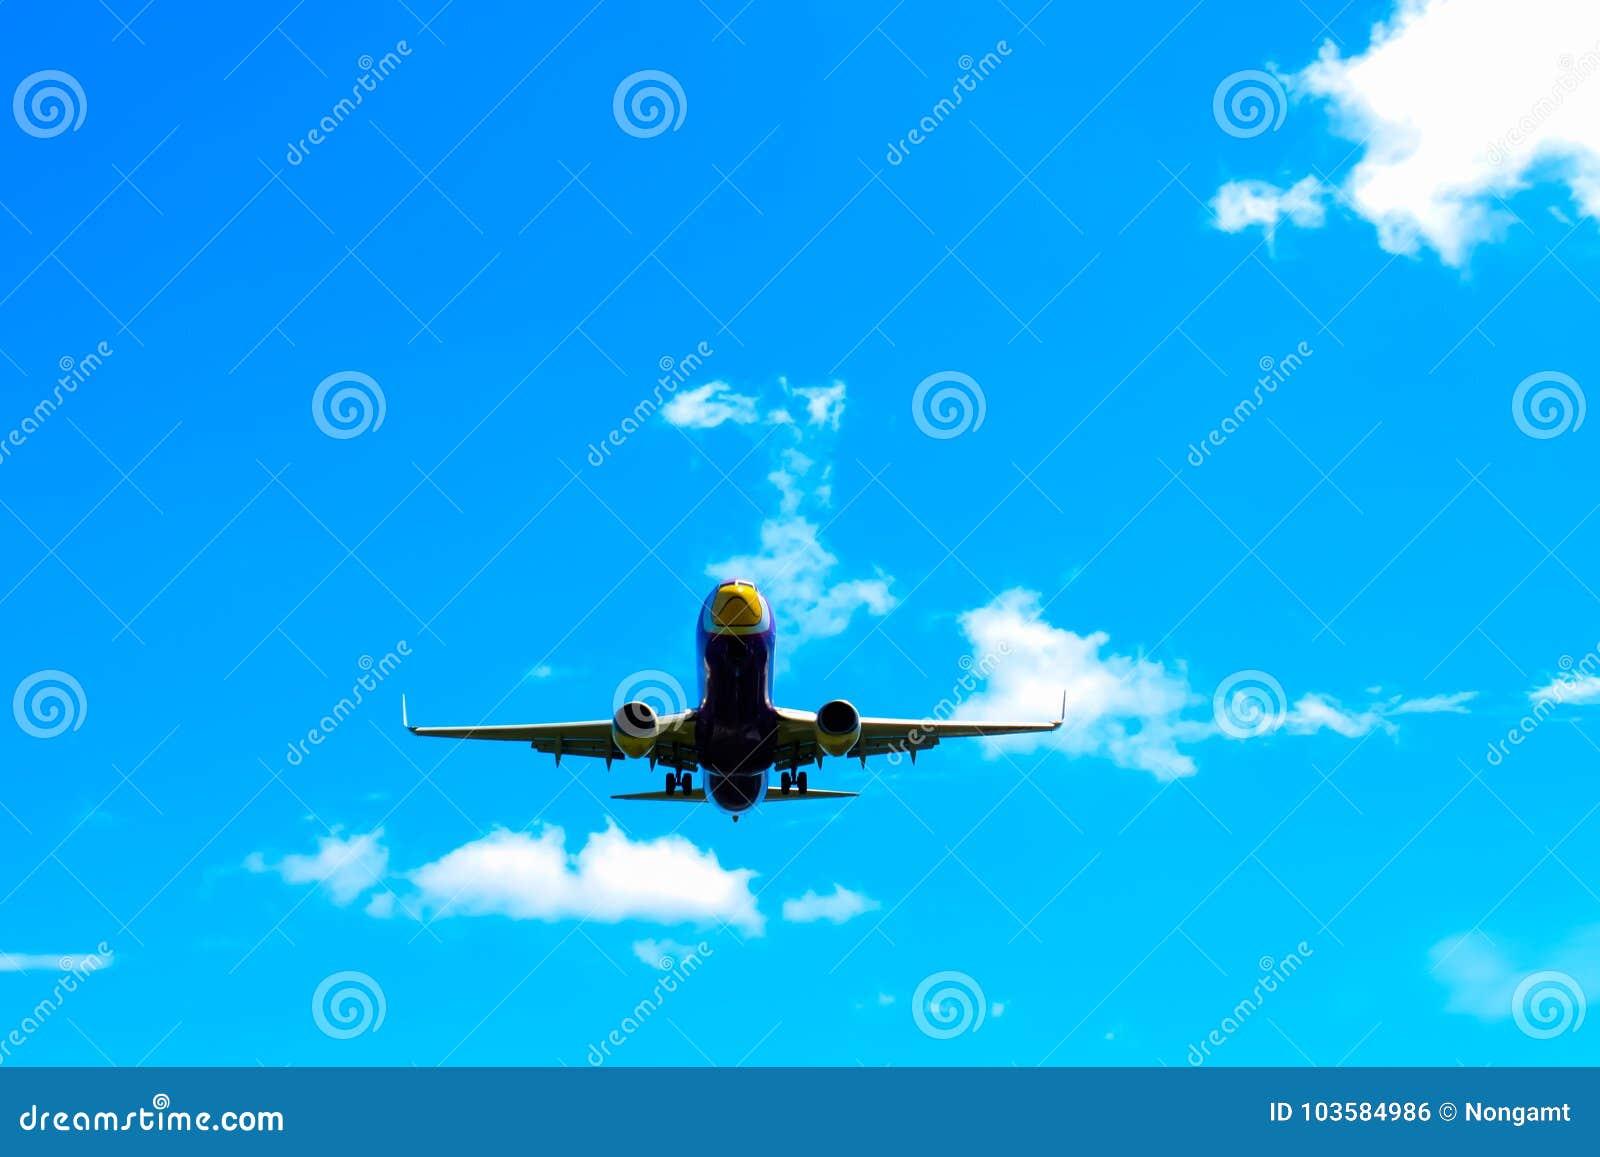 飞机着陆在普吉岛国际机场在晴天